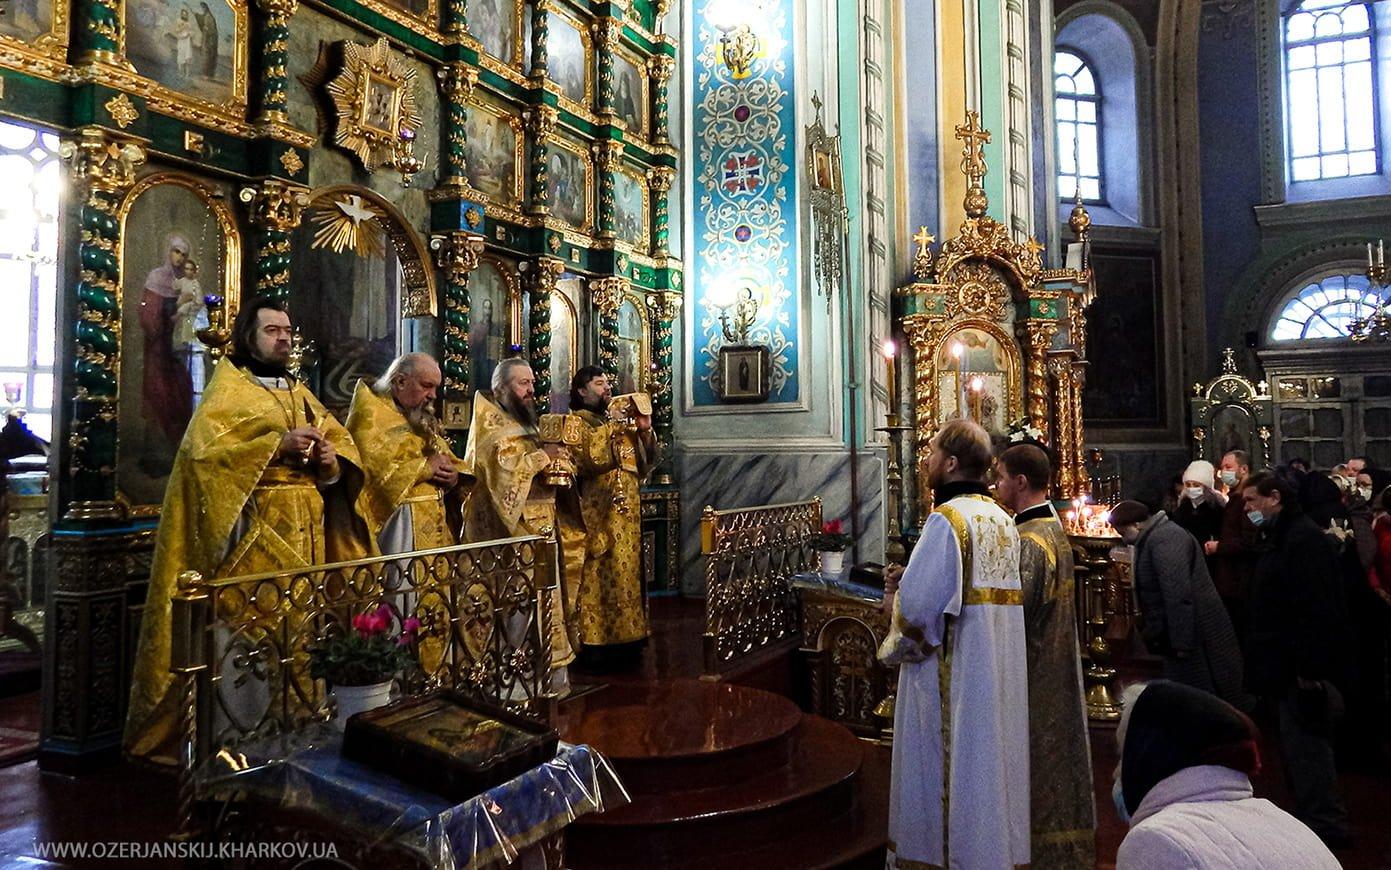 Свято-Озерянский храм. Святителя Амвросия, епископа Медиоаланского, 20 декабря 2020 г.